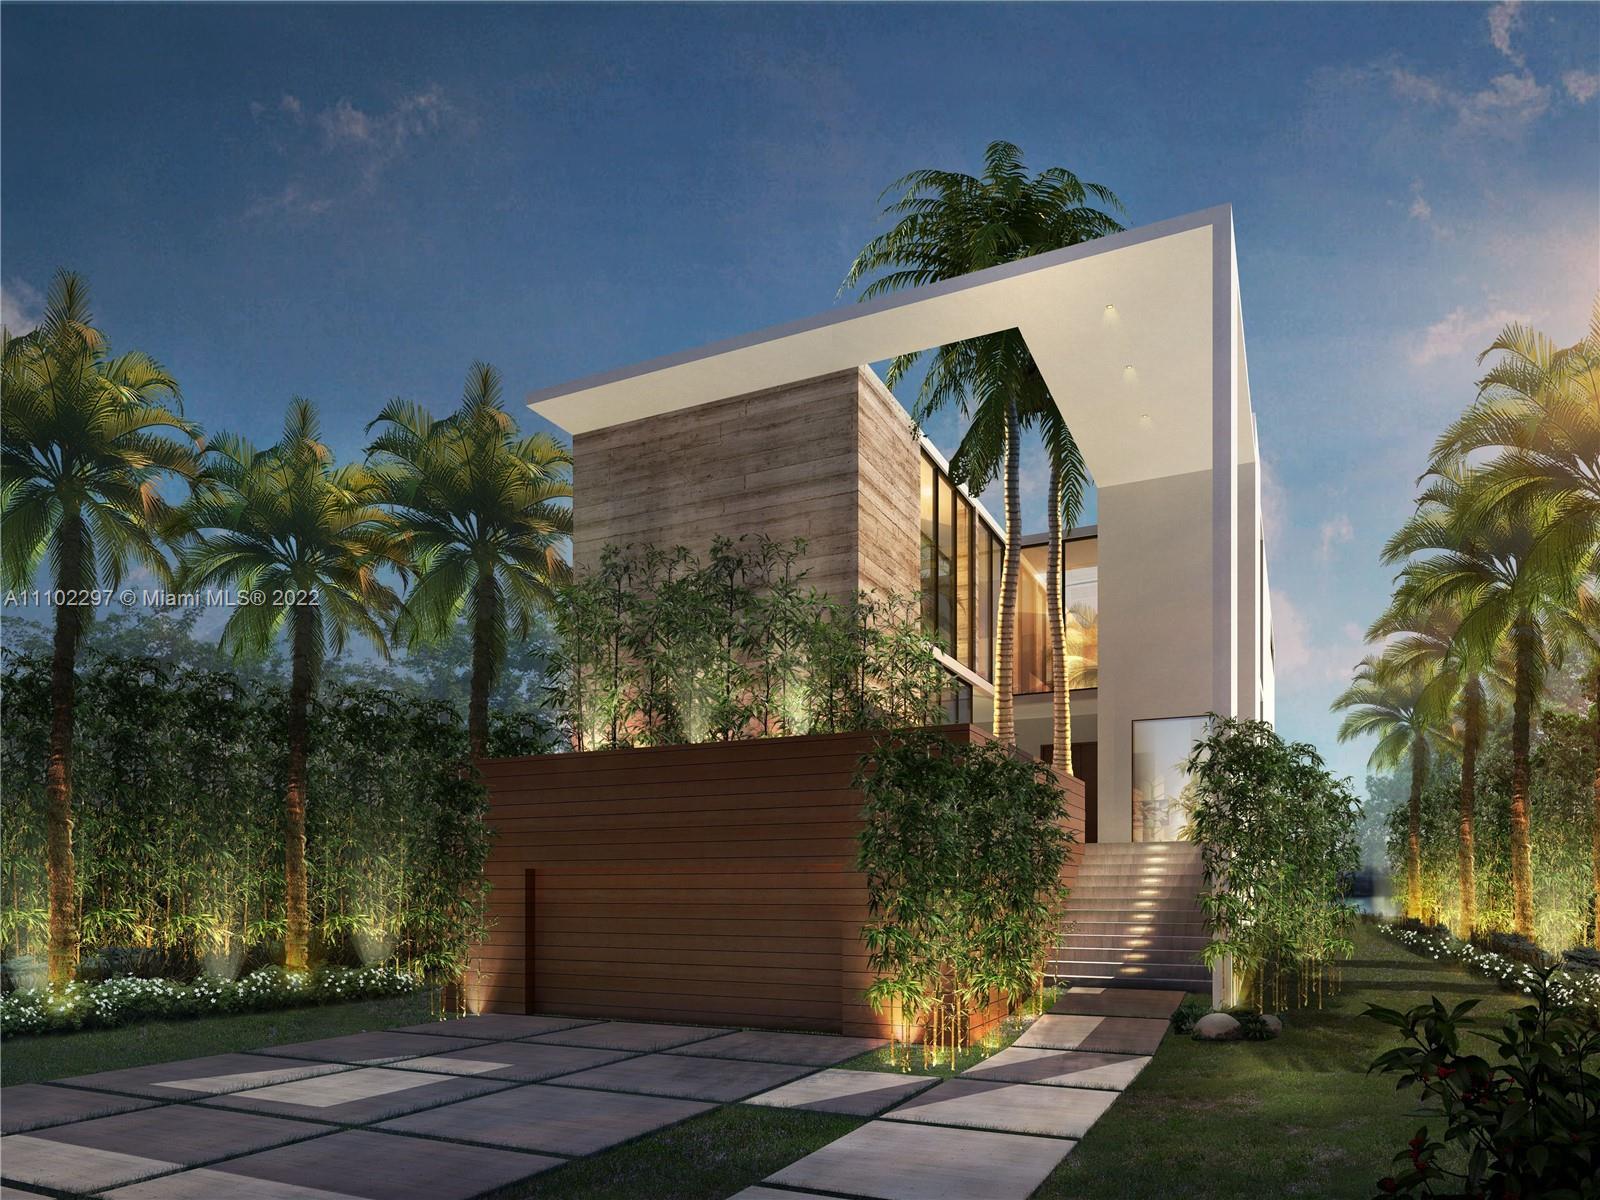 290 S Coconut Ln photo01